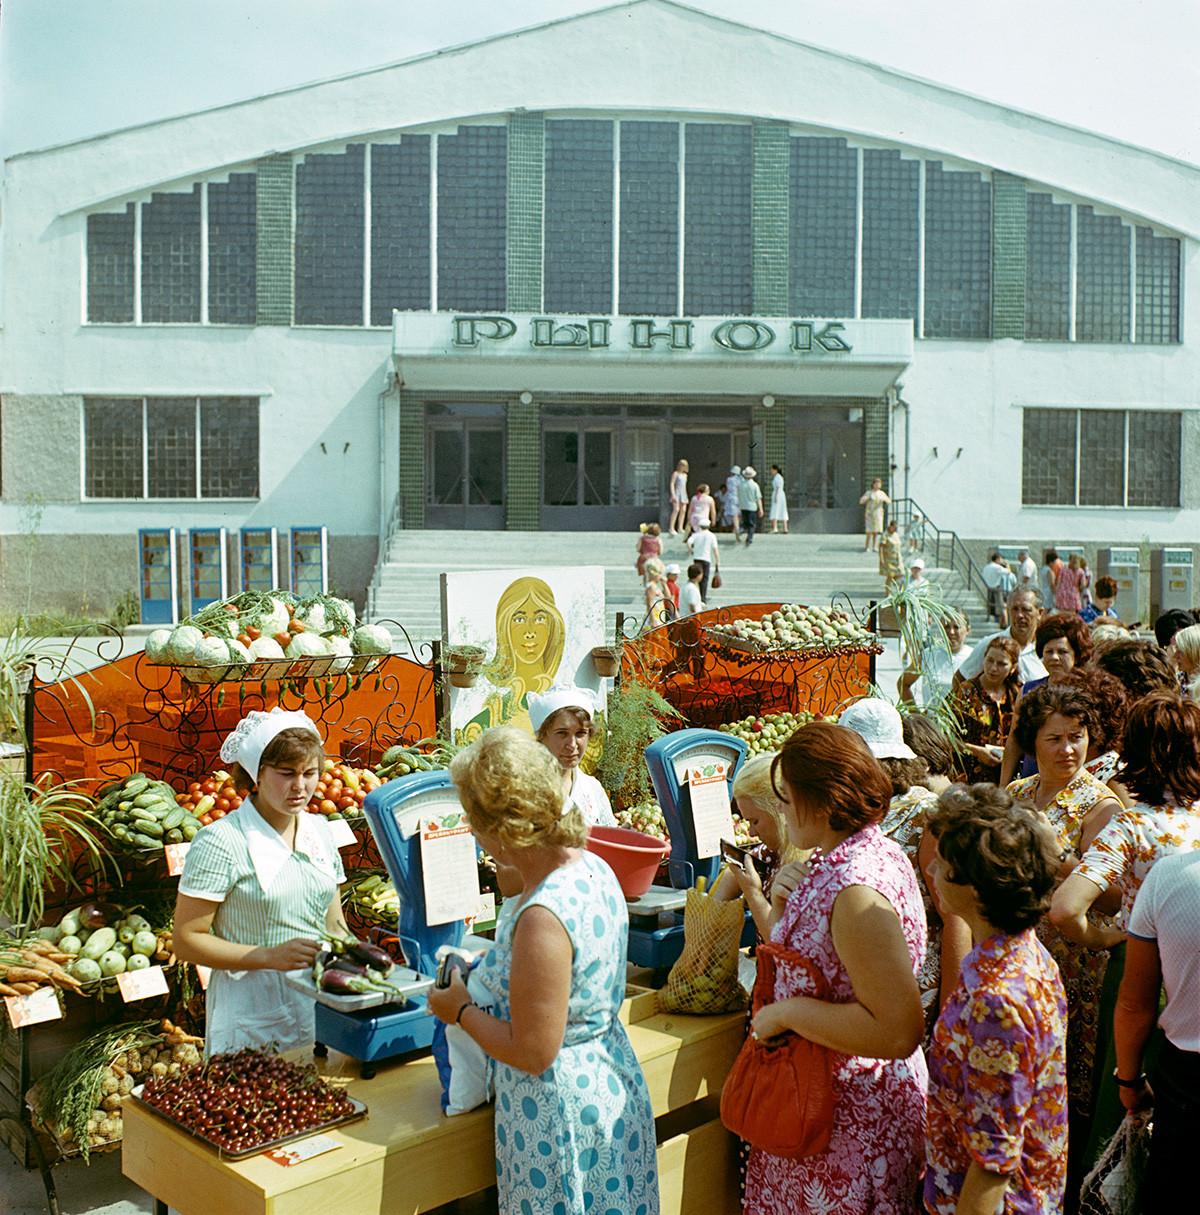 Търговия със зеленчуци и плодове на улицата в град Евпатория, Крим, 1979 г.